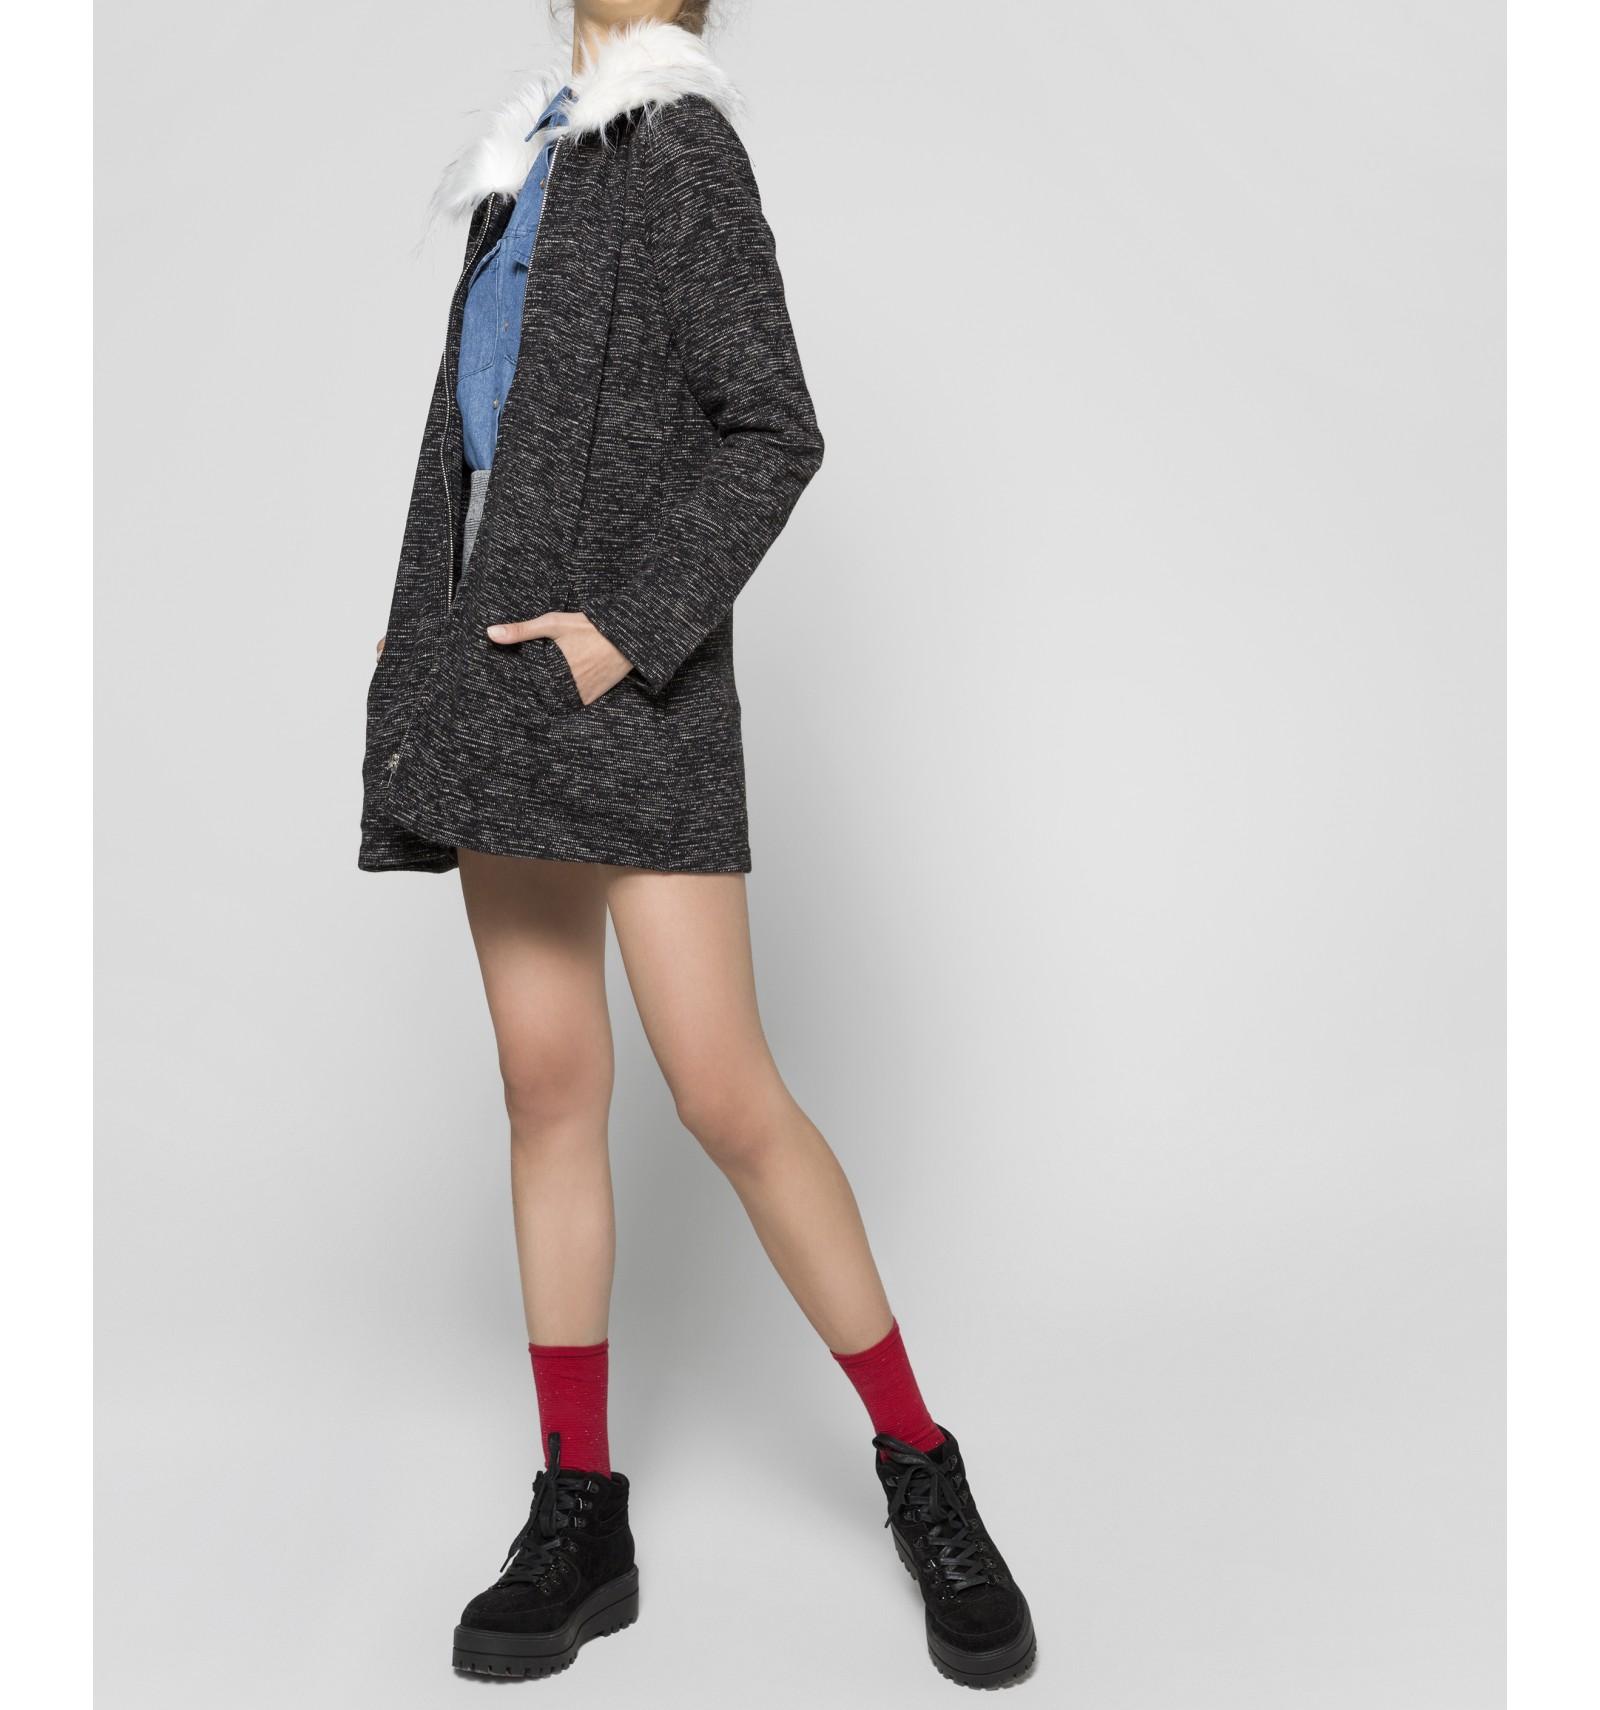 Compra Mujeres trajes de chaqueta con falda online al por